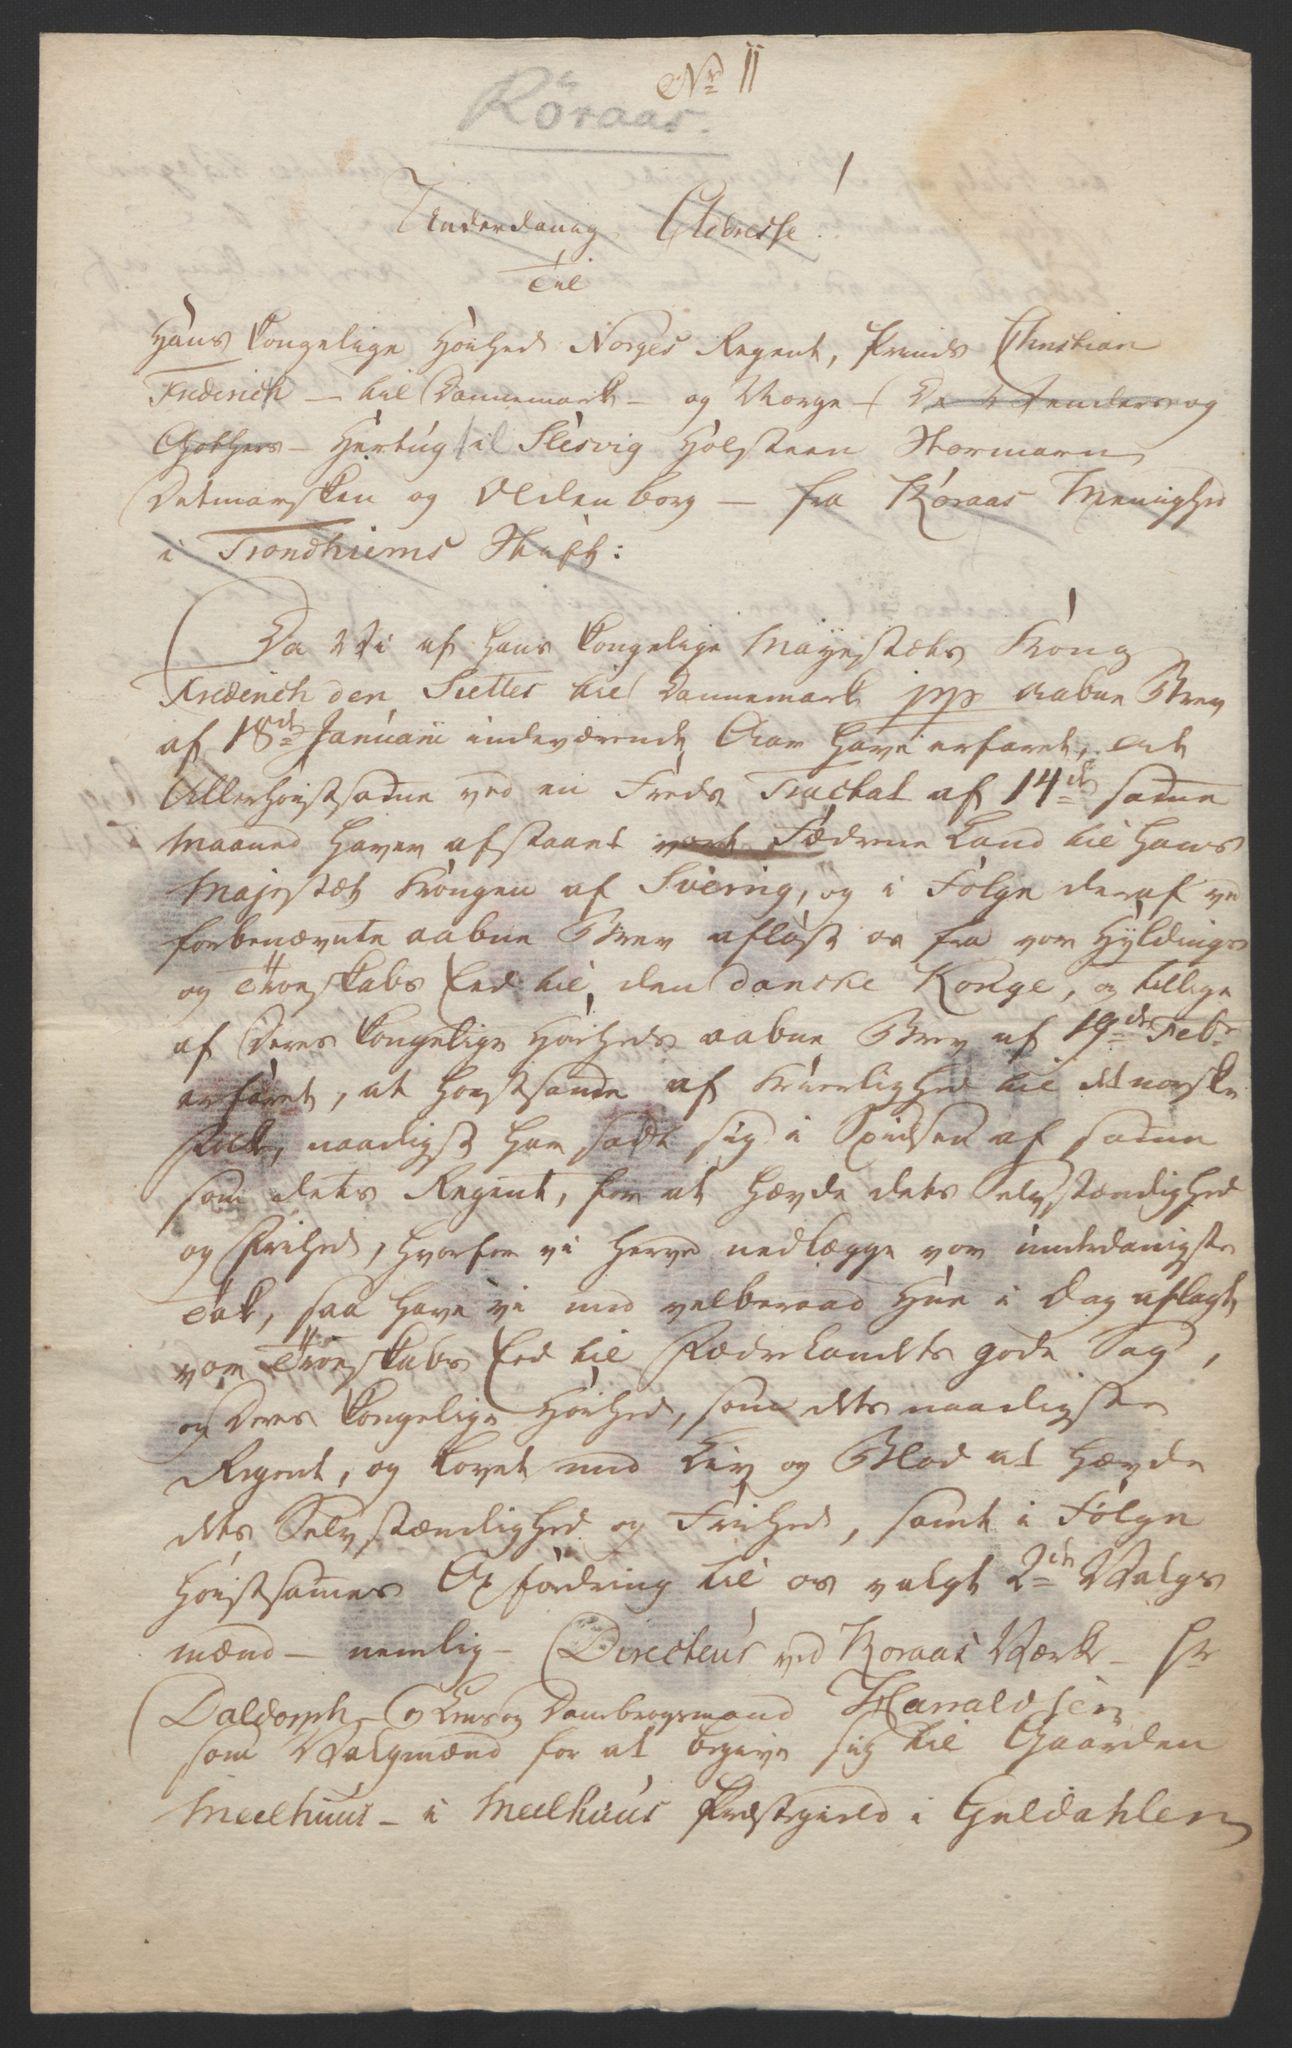 RA, Statsrådssekretariatet, D/Db/L0008: Fullmakter for Eidsvollsrepresentantene i 1814. , 1814, s. 449